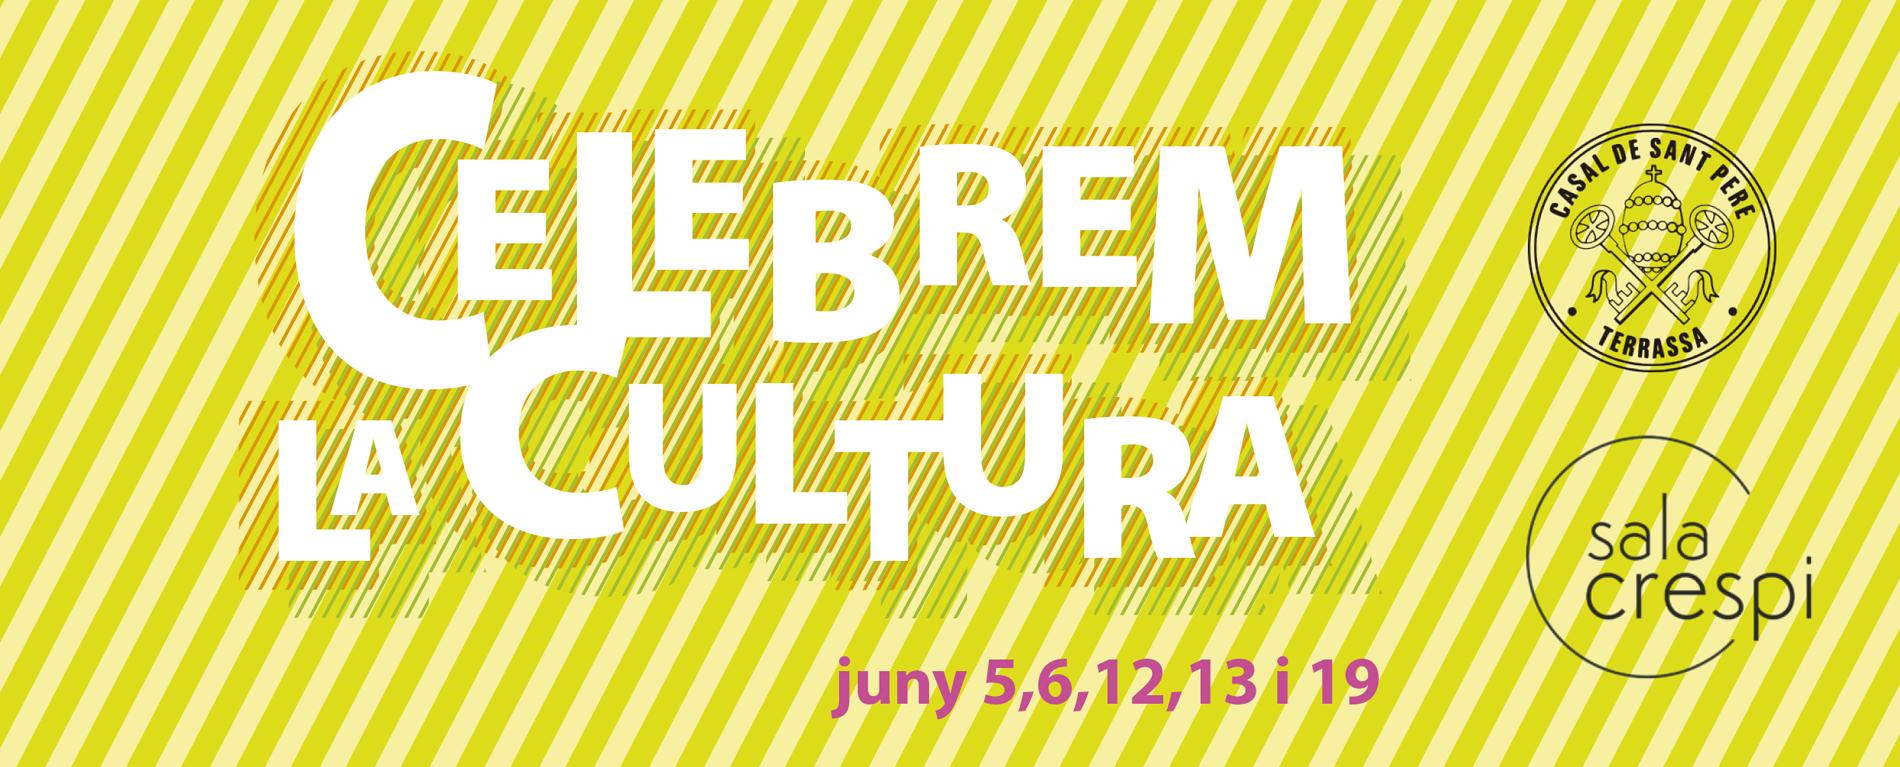 CelebremCultura_BannerWeb